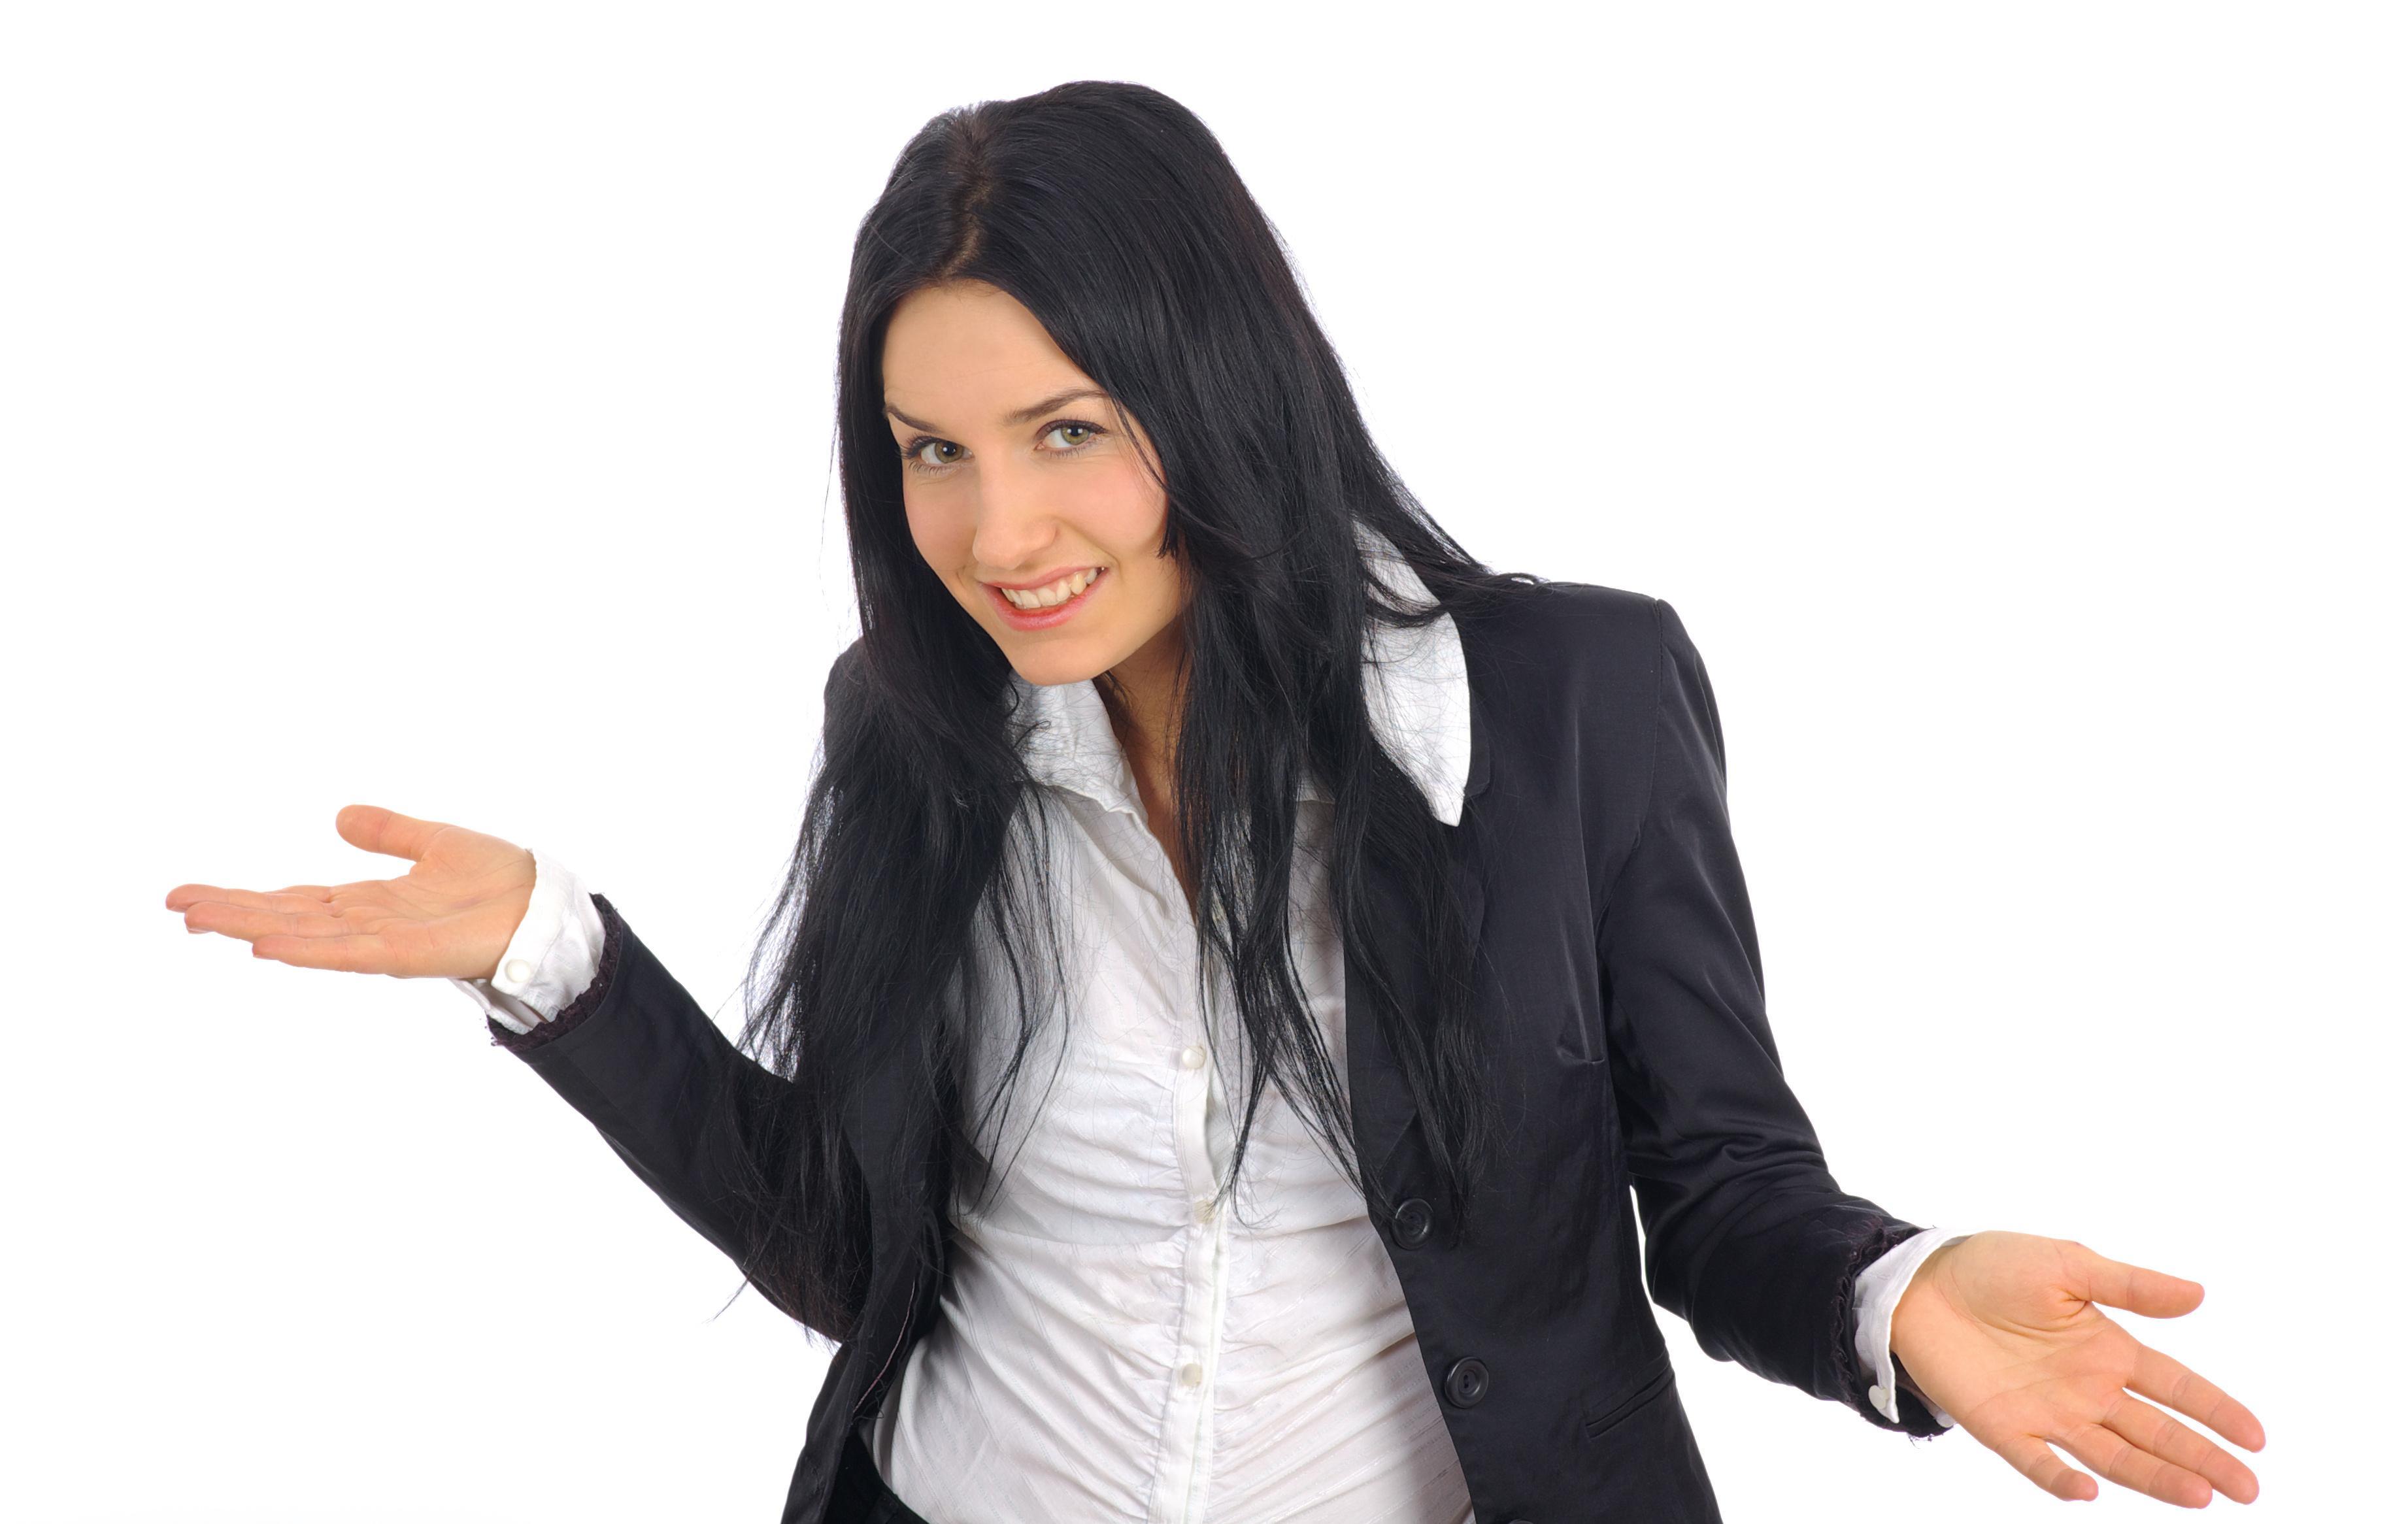 разработка бизнес-идеи туристический маршрут история родного края Список новых идей и советов домашнего бизнеса для женщин своими руками с минимальными вложениями. Варианты заработка в домашних условиях. Для кого-то из вас — это маленький домашний проект, а кто-то стремится создать большую Список из 30 бизнес-идей для женщин в разных сферах. Ищите бизнес идеи для женщин? У нас собраны самые лучшие идеи всего мира! </p> </div><!-- .entry-content -->  <footer class=